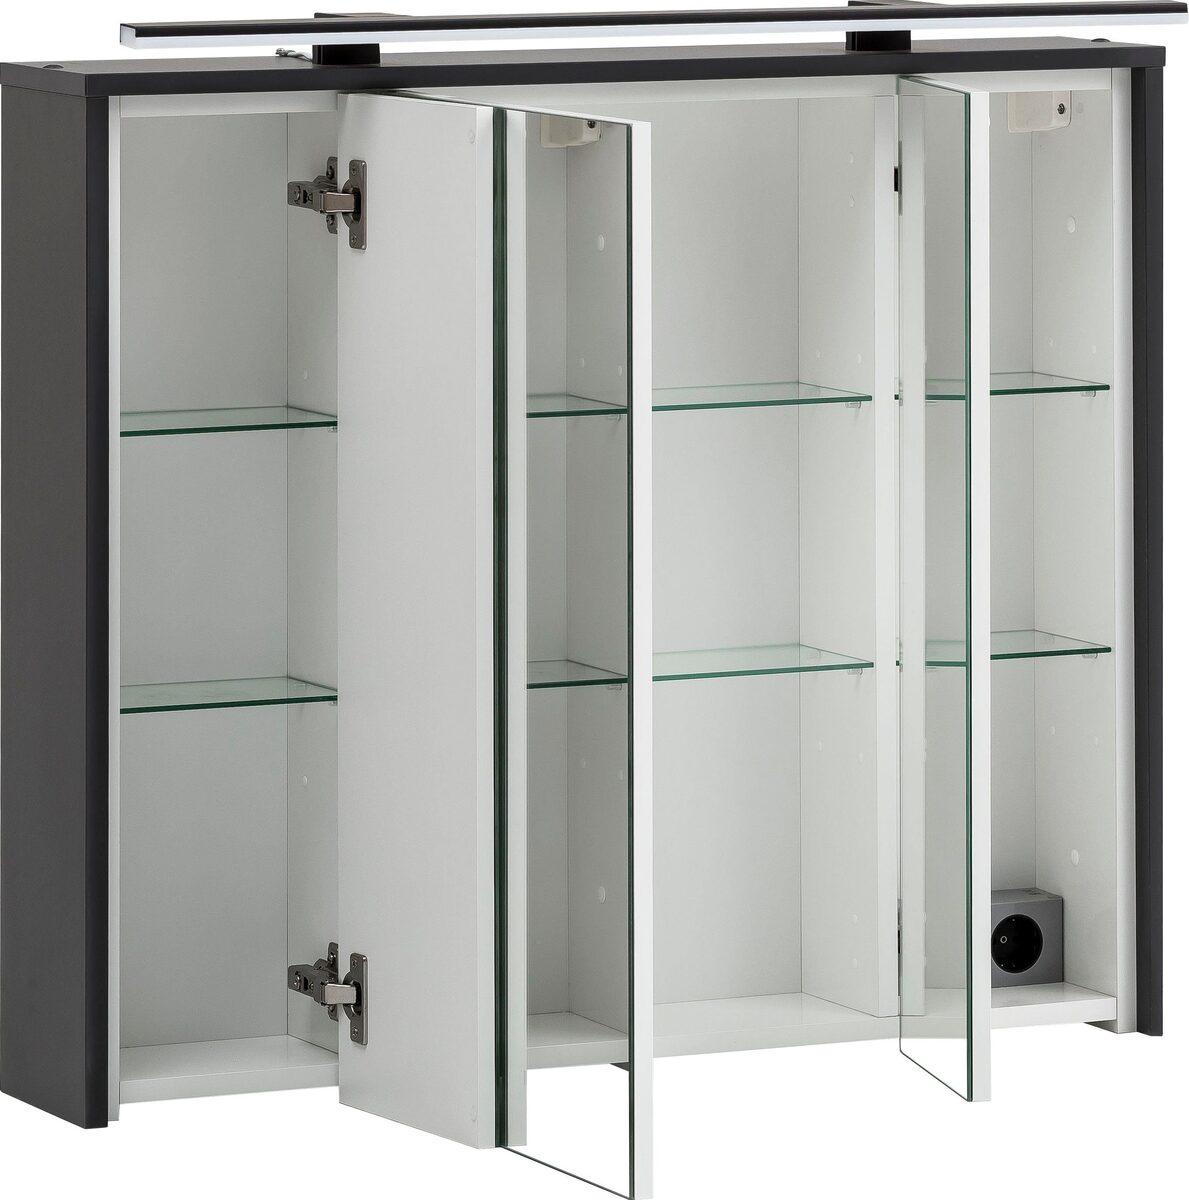 Bild 2 von Schildmeyer Spiegelschrank Breite 83,5 cm, 3-türig, LED-Beleuchtung, Steckdosenbox, Soft-Close-Funktion, Glaseinlegeböden, montiert, Made in Germany